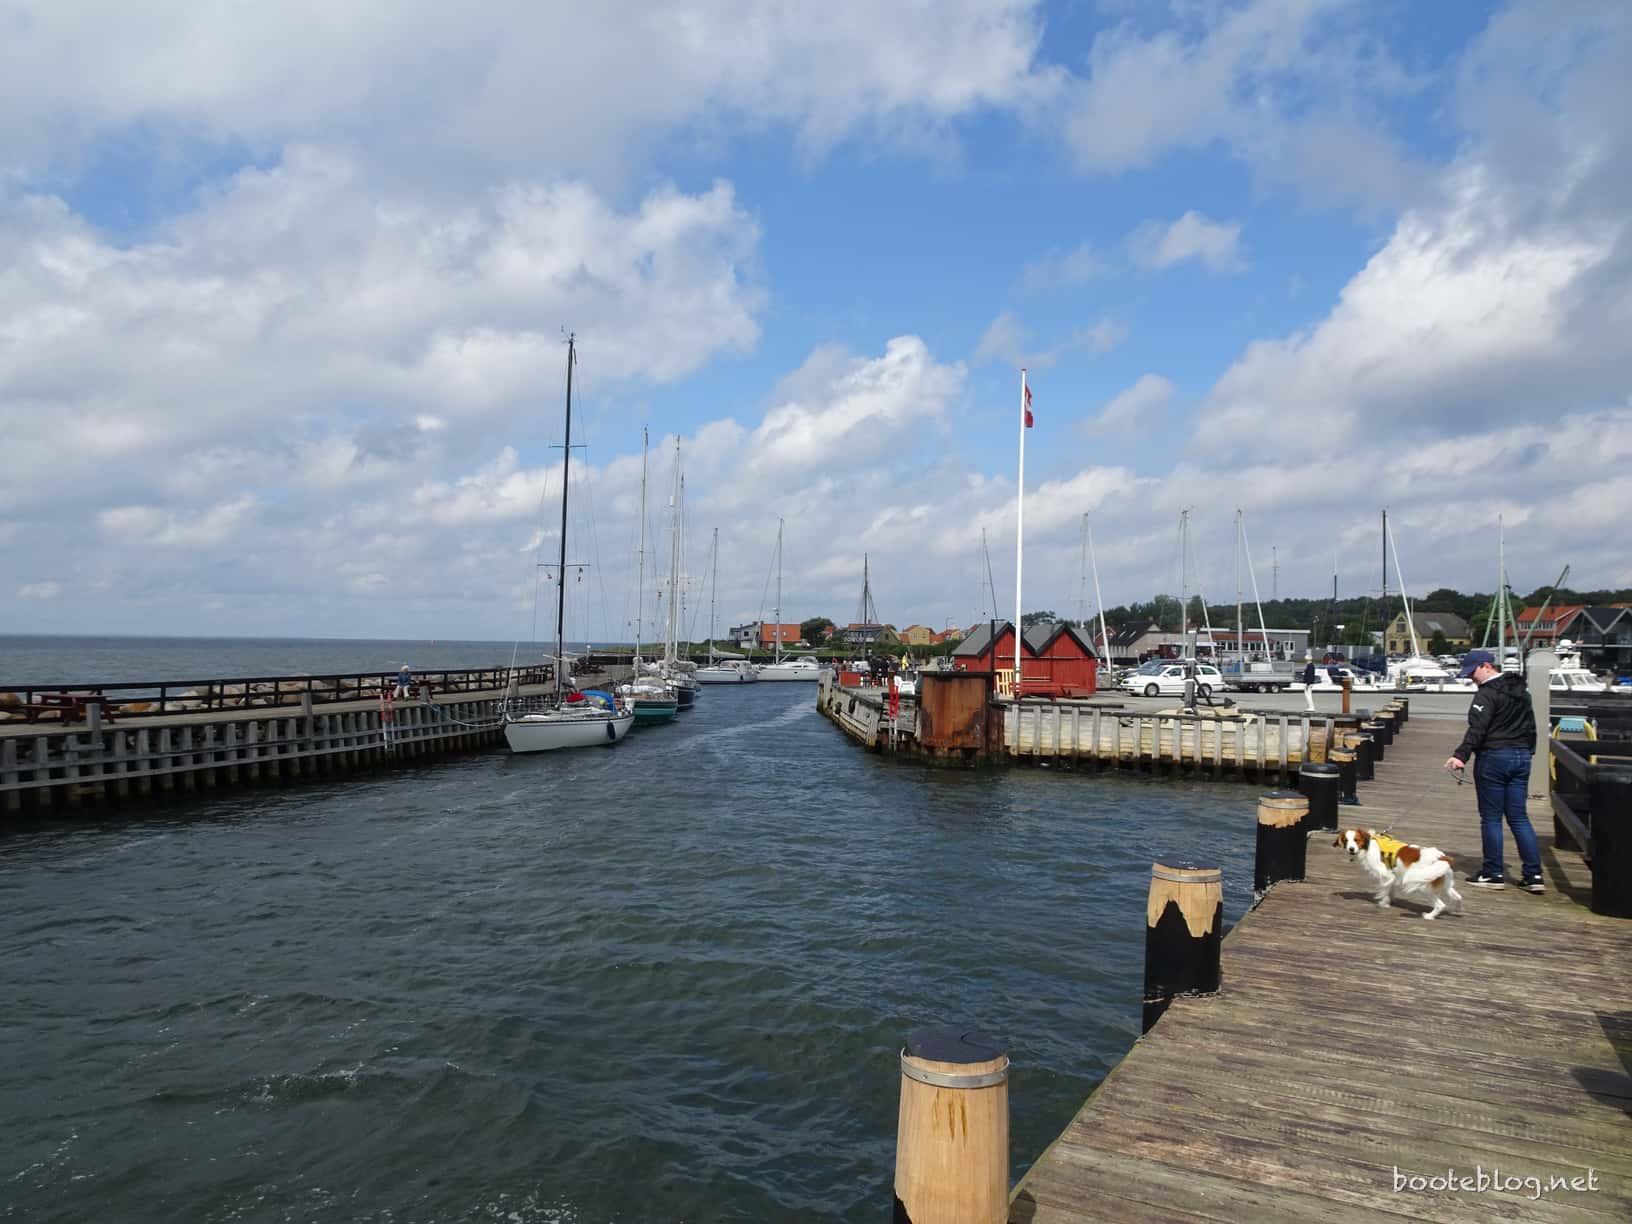 Der Hafen ist gut belegt, selbst in der Einfahrt liegen Boote.